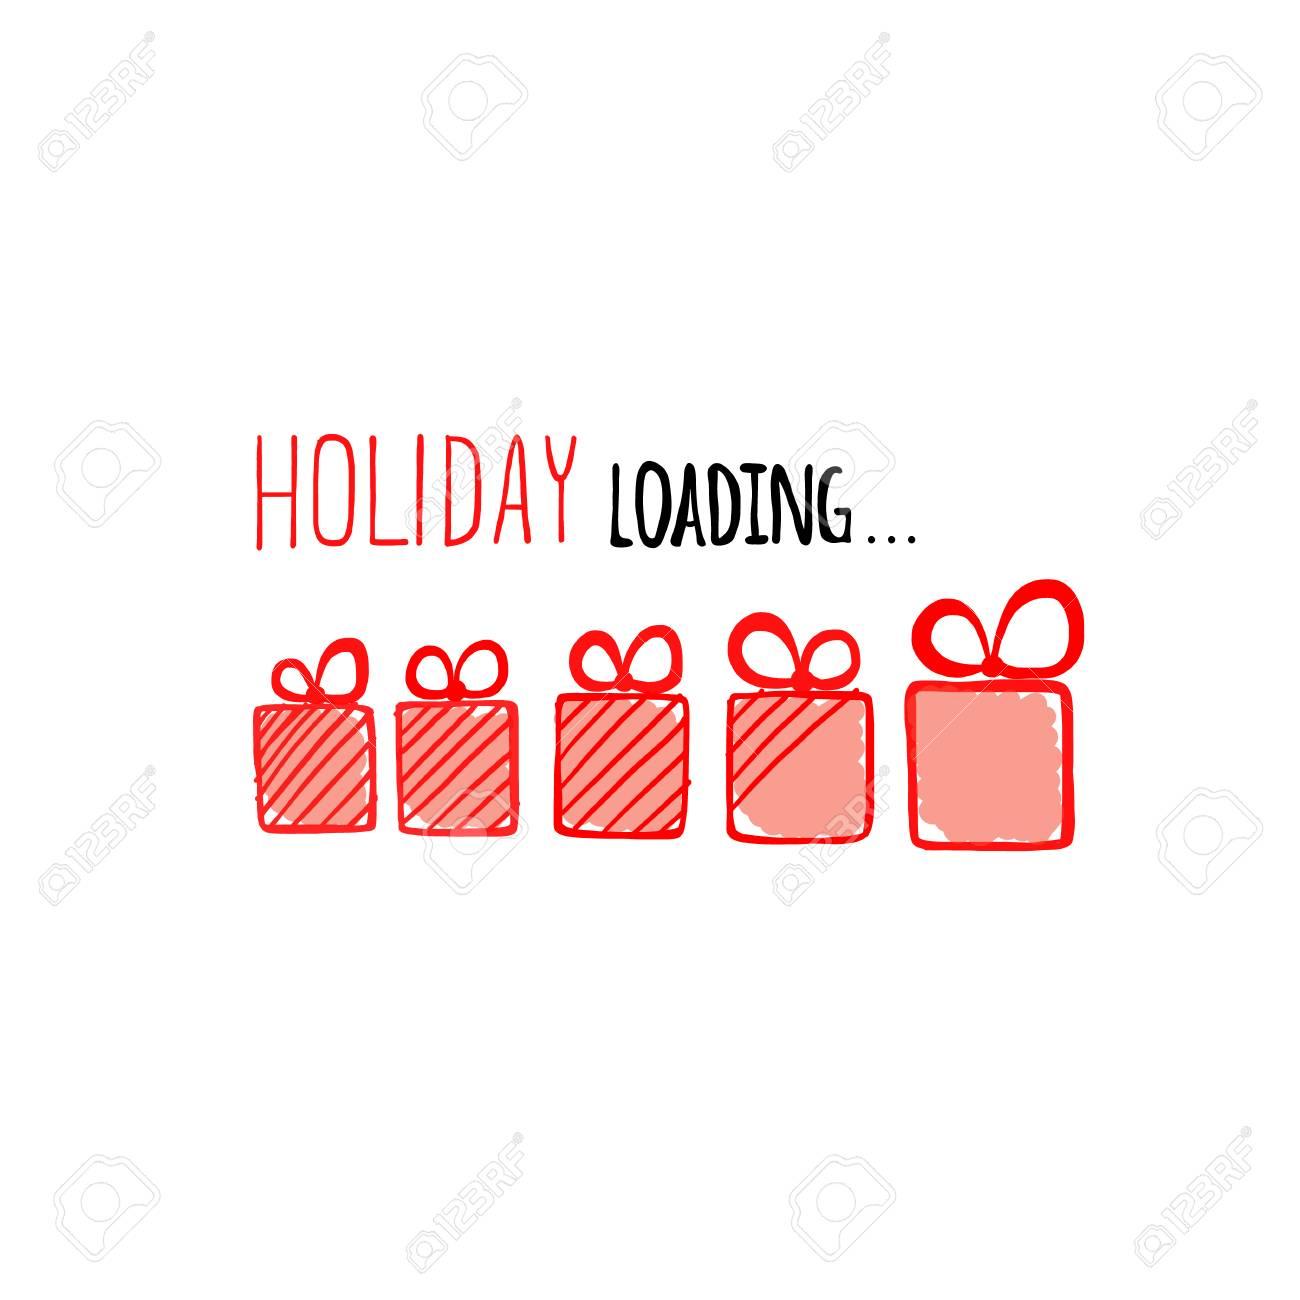 Ilustración De Vector De Carga De Vacaciones Diseño De Barra De Progreso Navidad Ilustración Vectorial